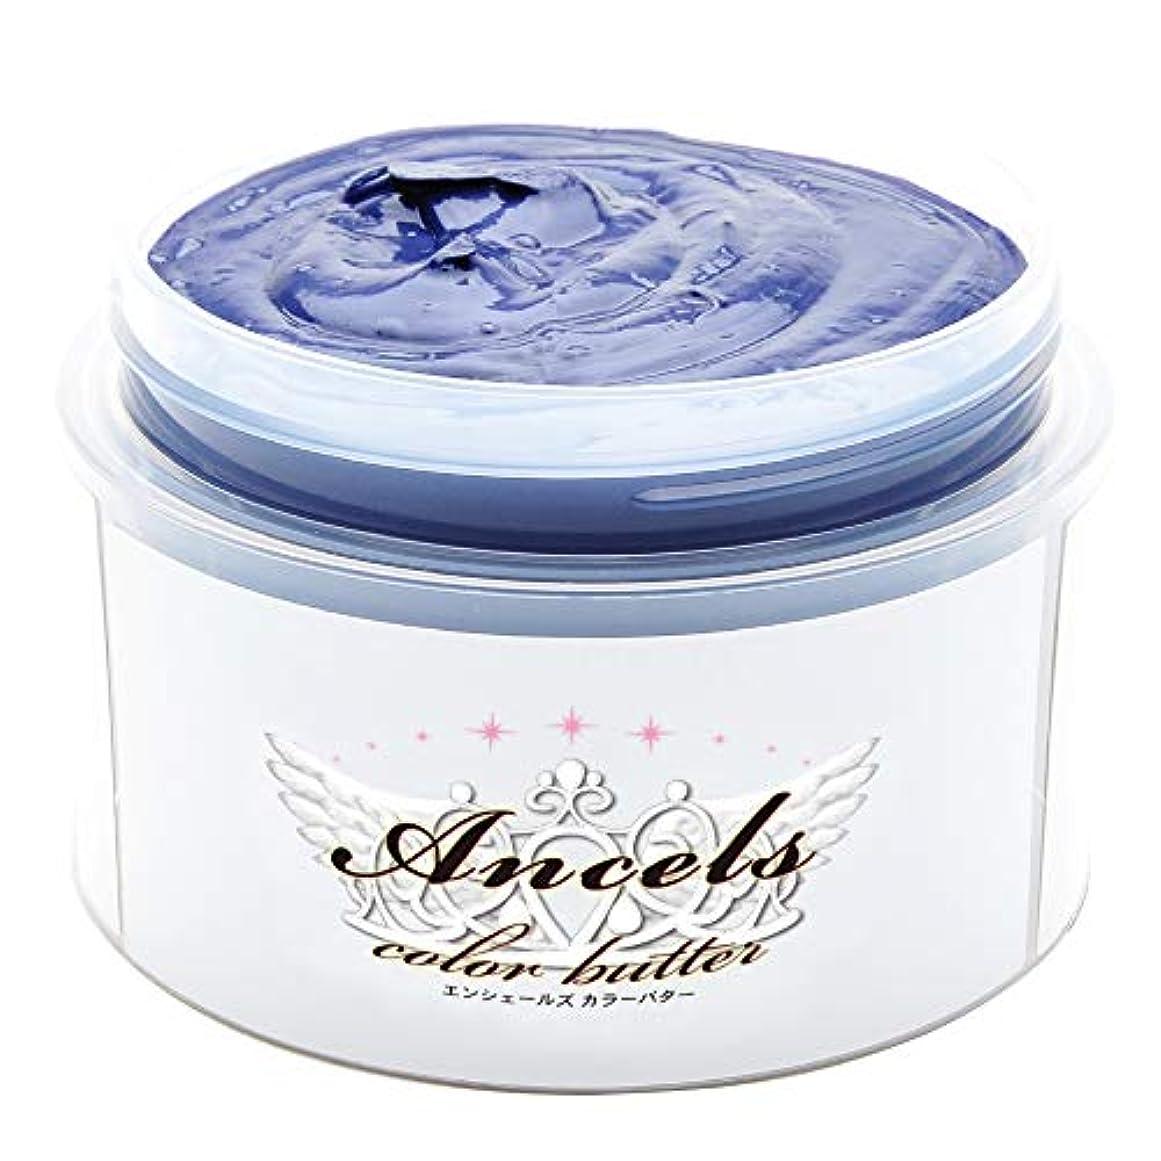 受粉するタクト日常的にAncels colorbutter エンシェールズ カラーバター ネイビーブルー 200g